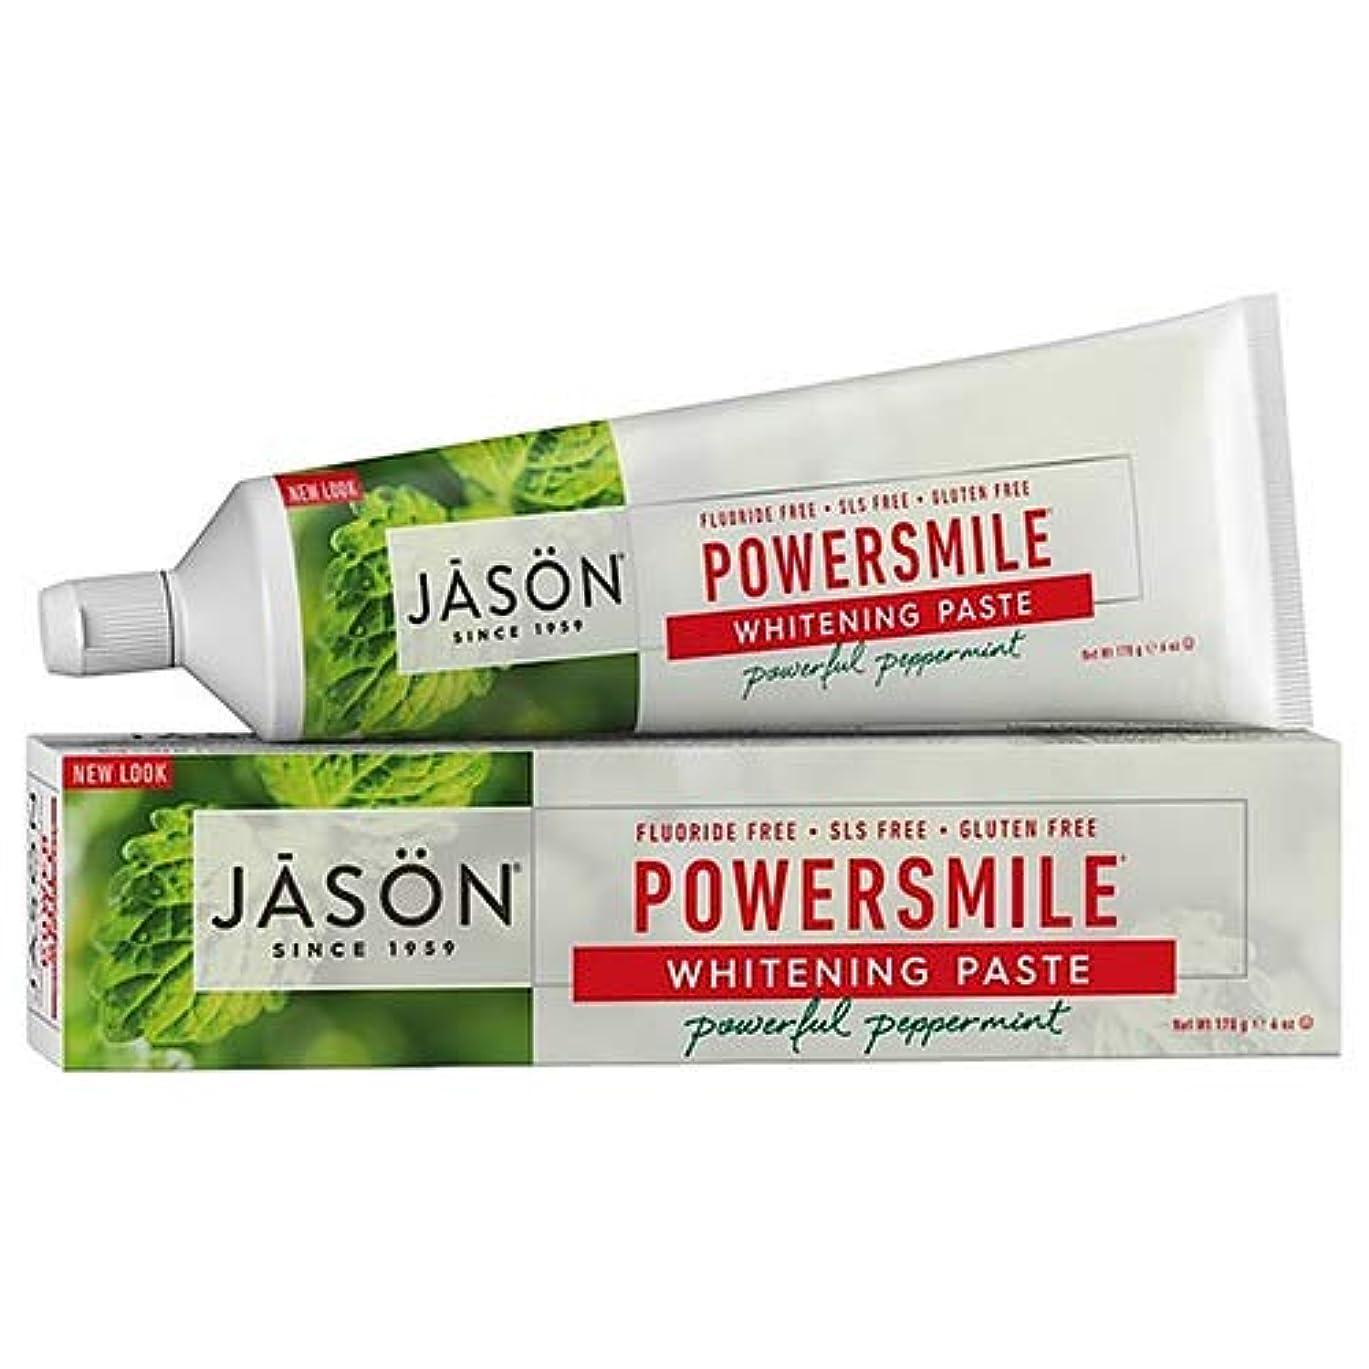 無関心放散する誇りに思うJason Natural, PowerSmile, Antiplaque & Whitening Paste, Powerful Peppermint, 6 oz (170 g)